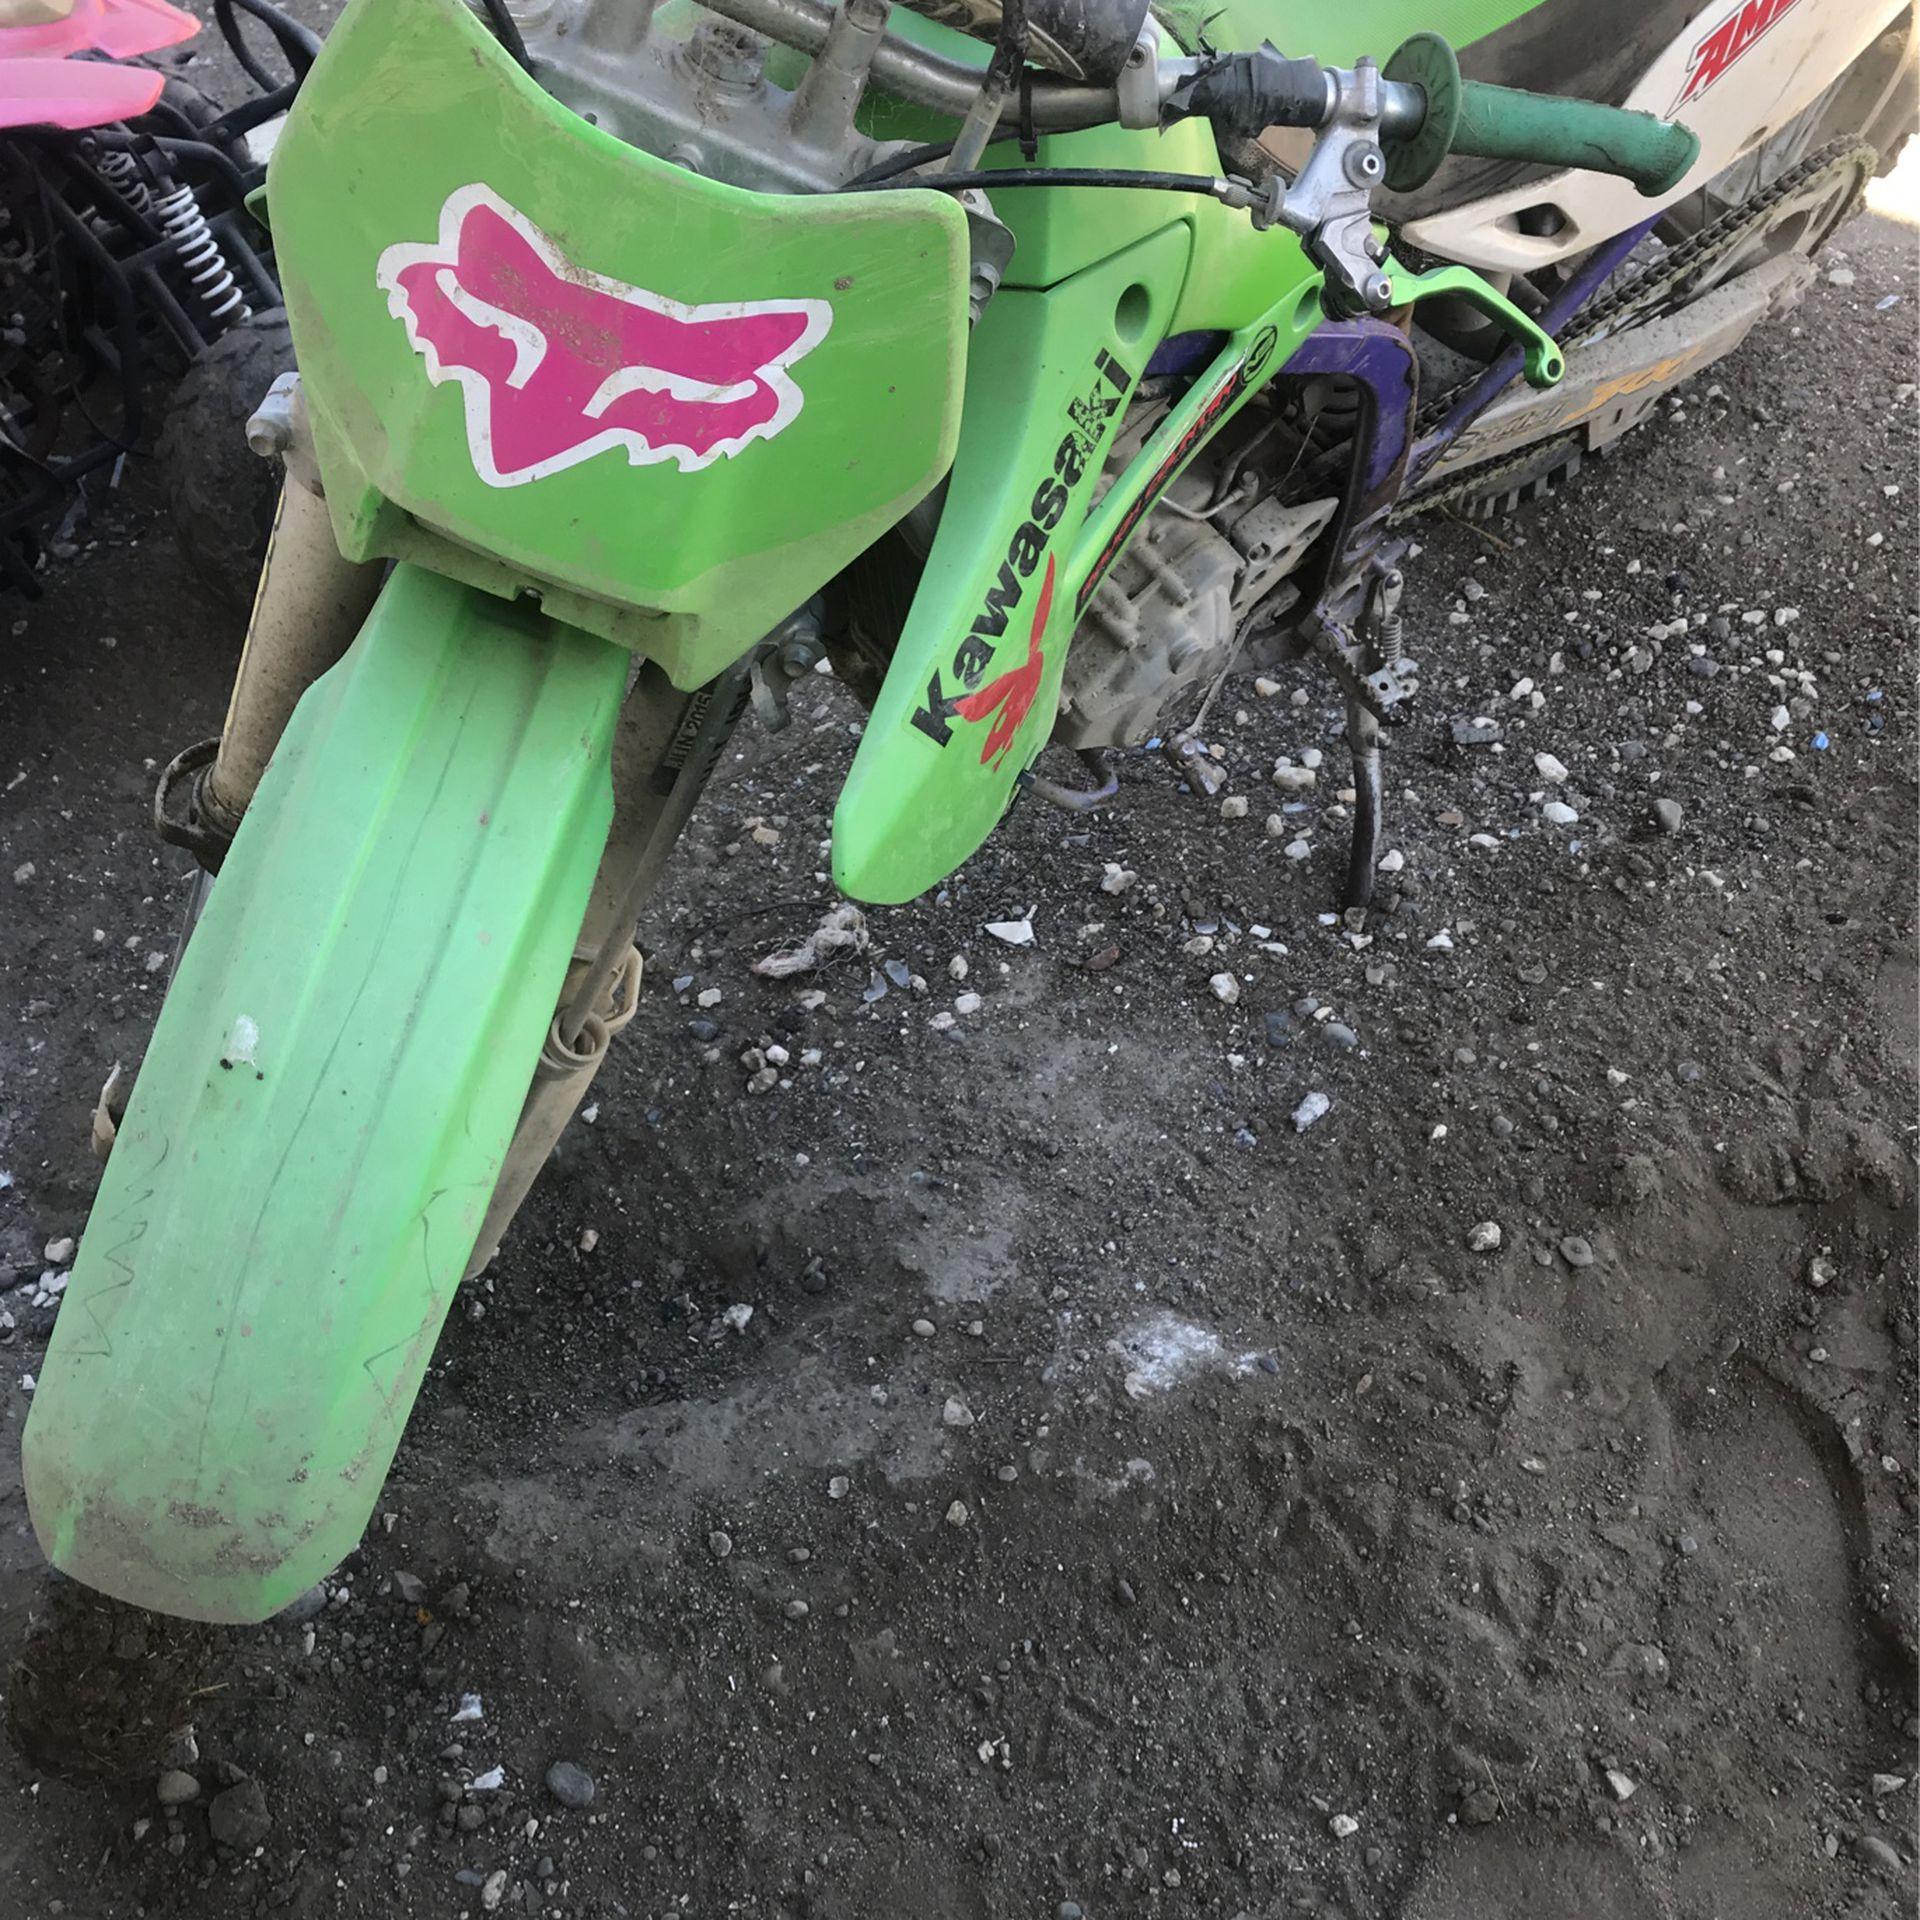 1998 Kawasaki 300